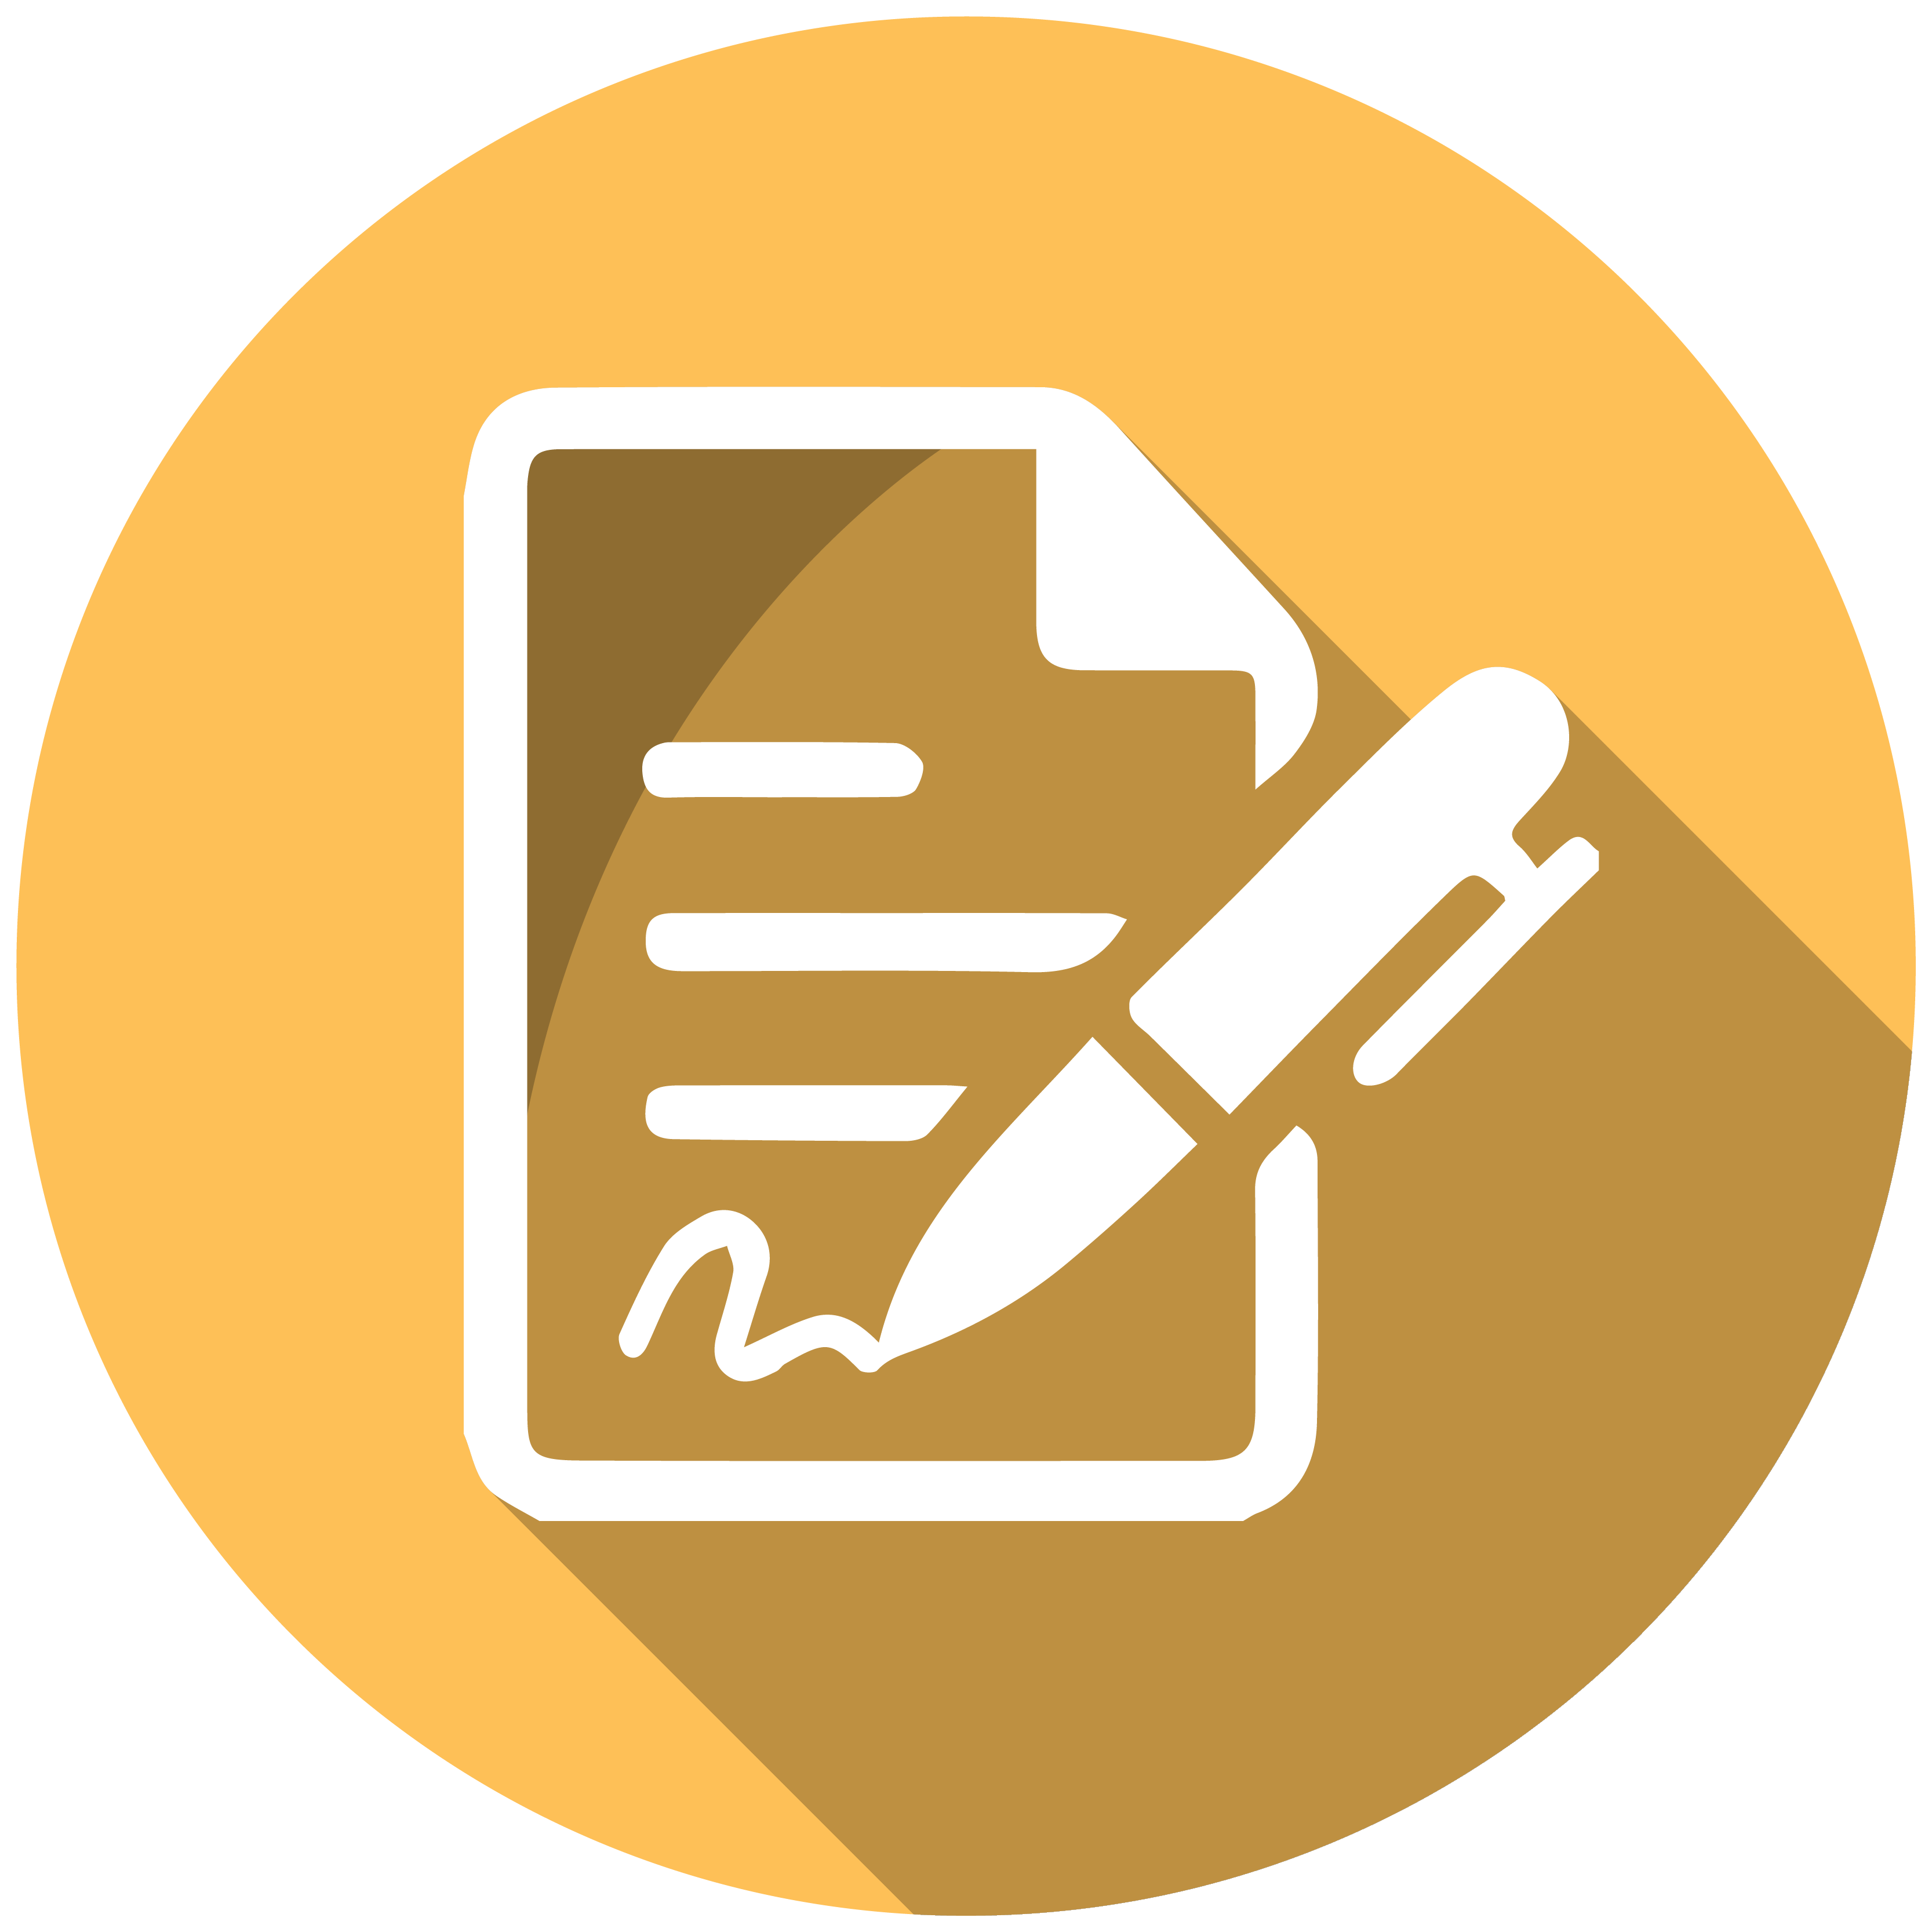 پاورپوینت بررسی حسابداری و گزارشگری منابع انسانی